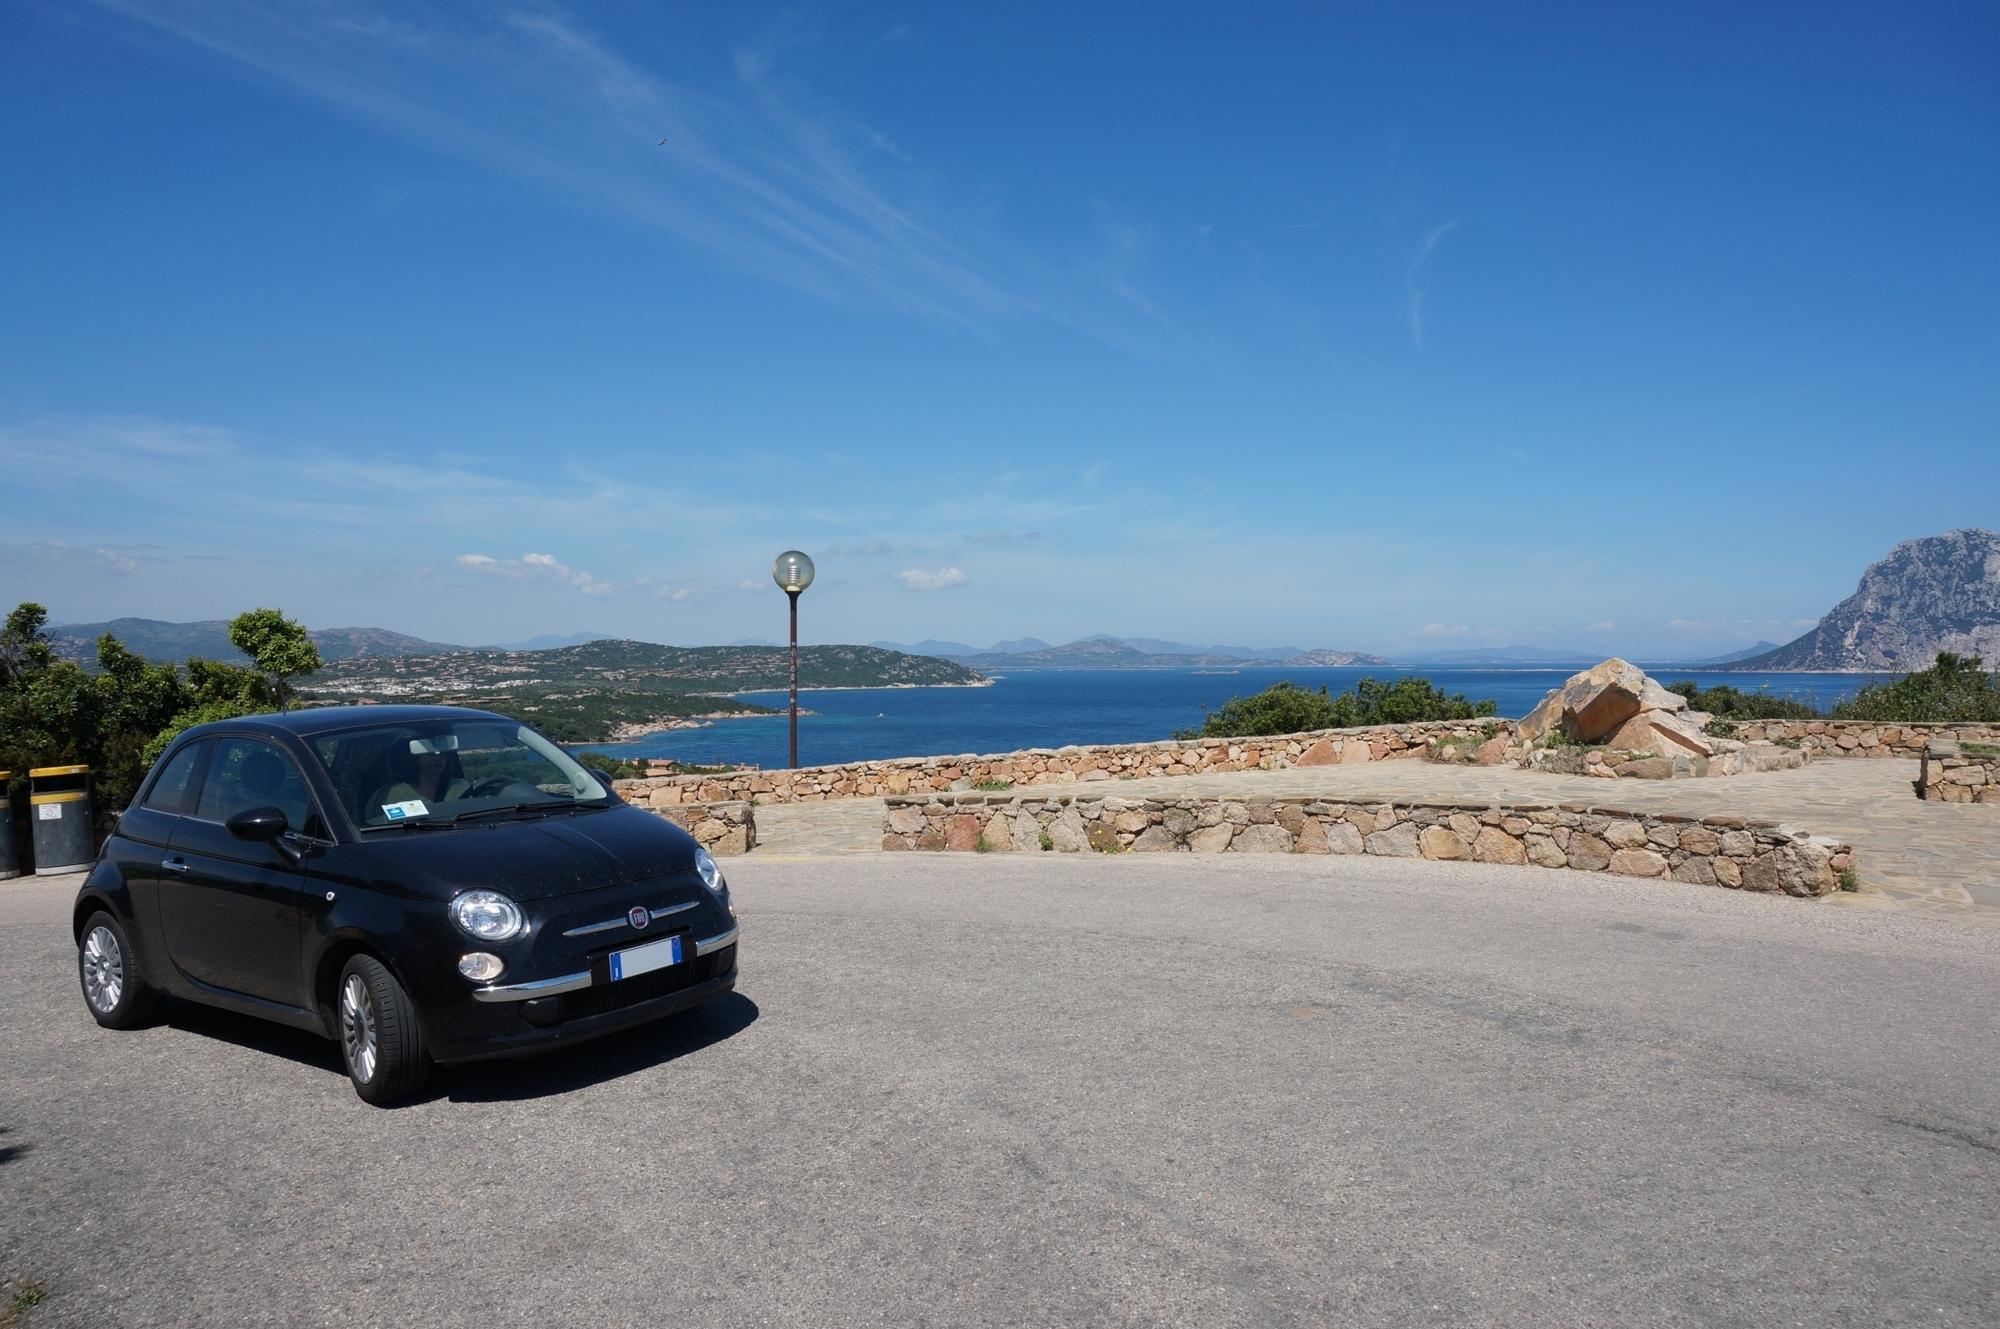 Mietwagen für den Sommerurlaub - USA teuer, Spanien günstig